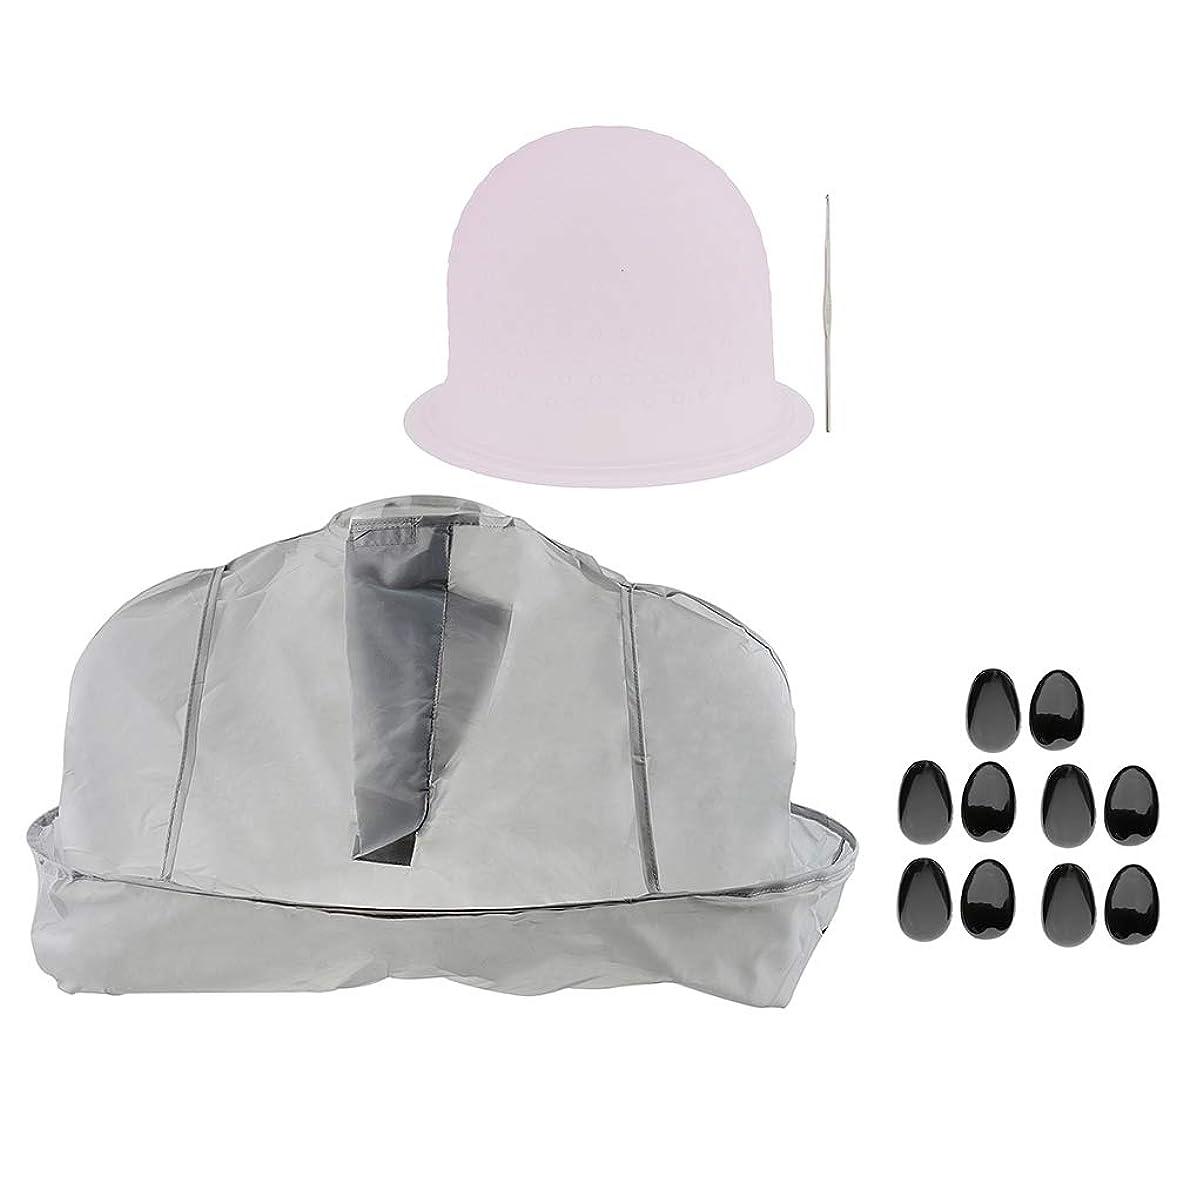 ポケットセットする上昇B Blesiya ヘアサロン 美容院 ヘアカラー 色付け 帽子 キャップ 耳のカバー 美容ケープ